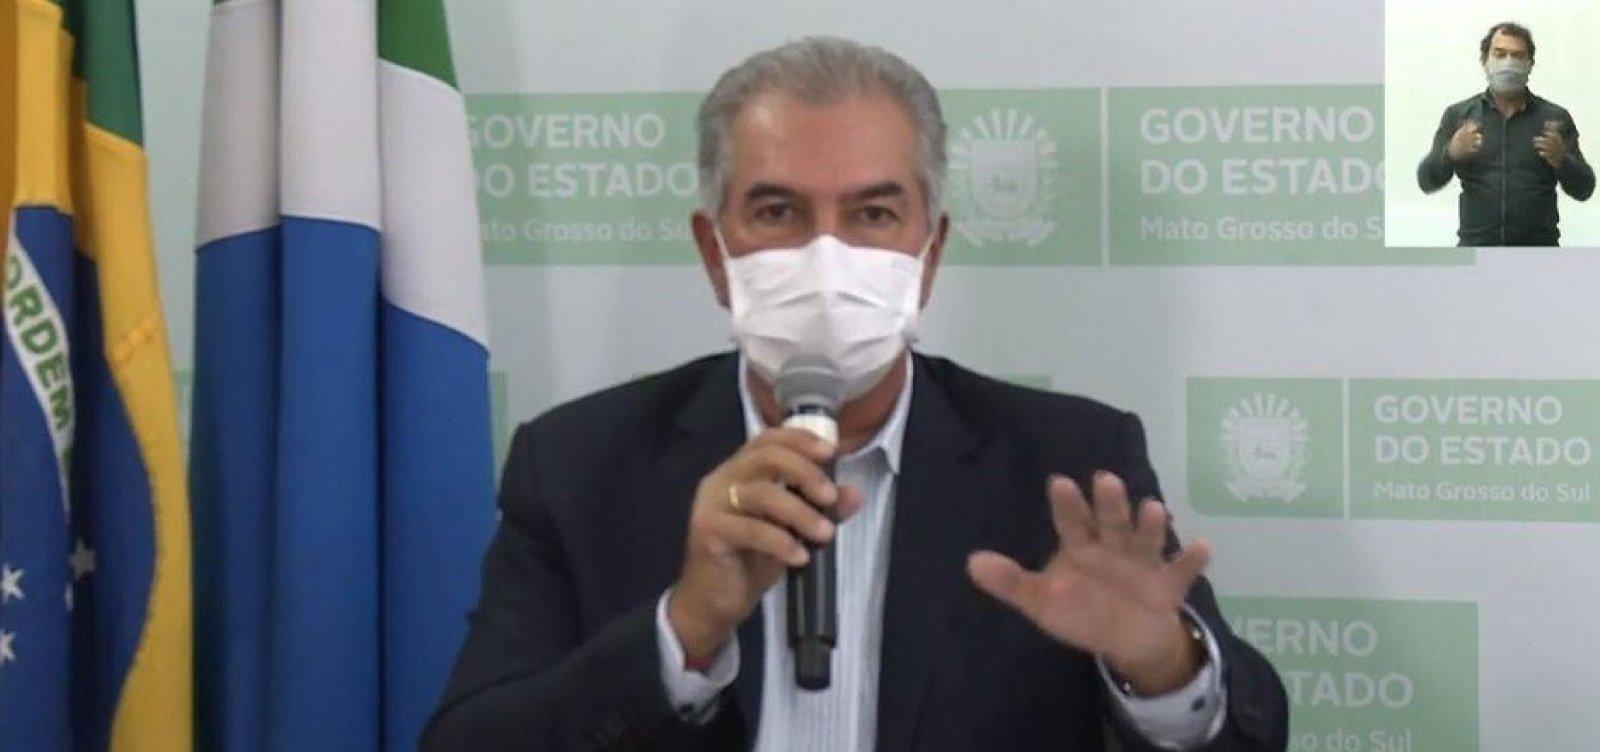 [Governador do Mato Grosso do Sul é diagnosticado com Covid-19]